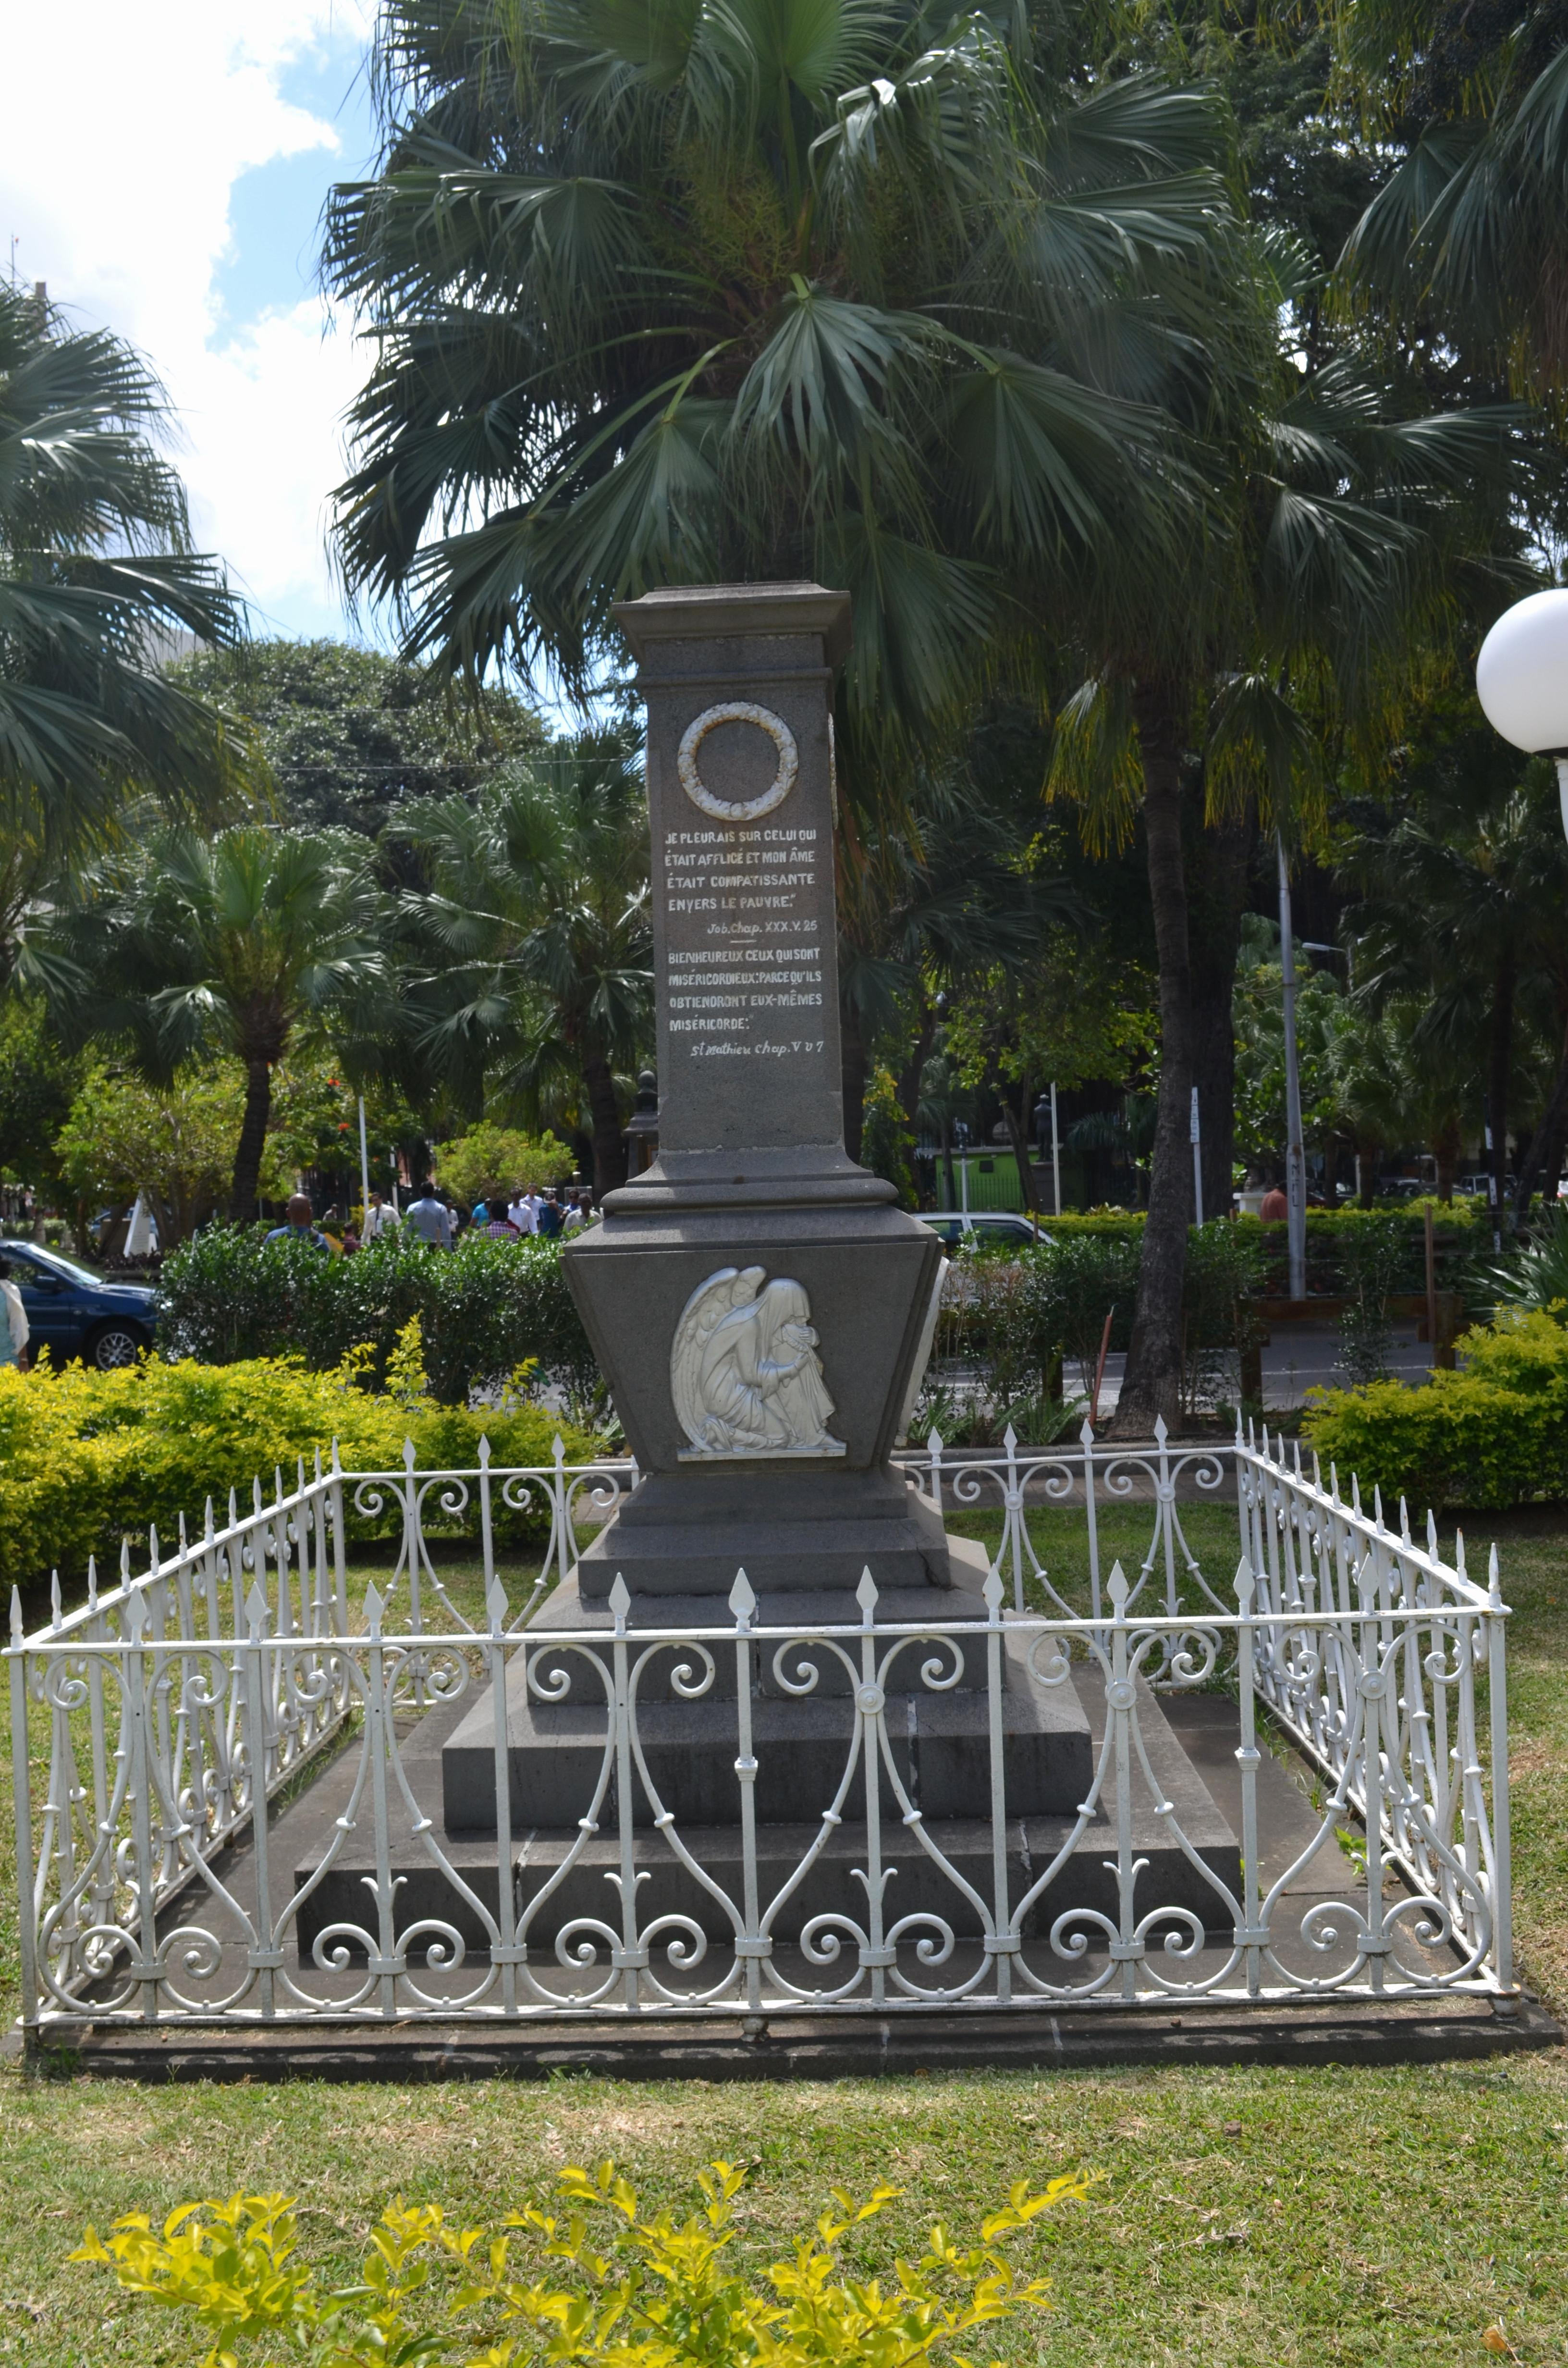 Pompe Fontaine Castorama Inspirant Photos Pompe Fontaine Jardin Mod¨le – Sullivanmaxx